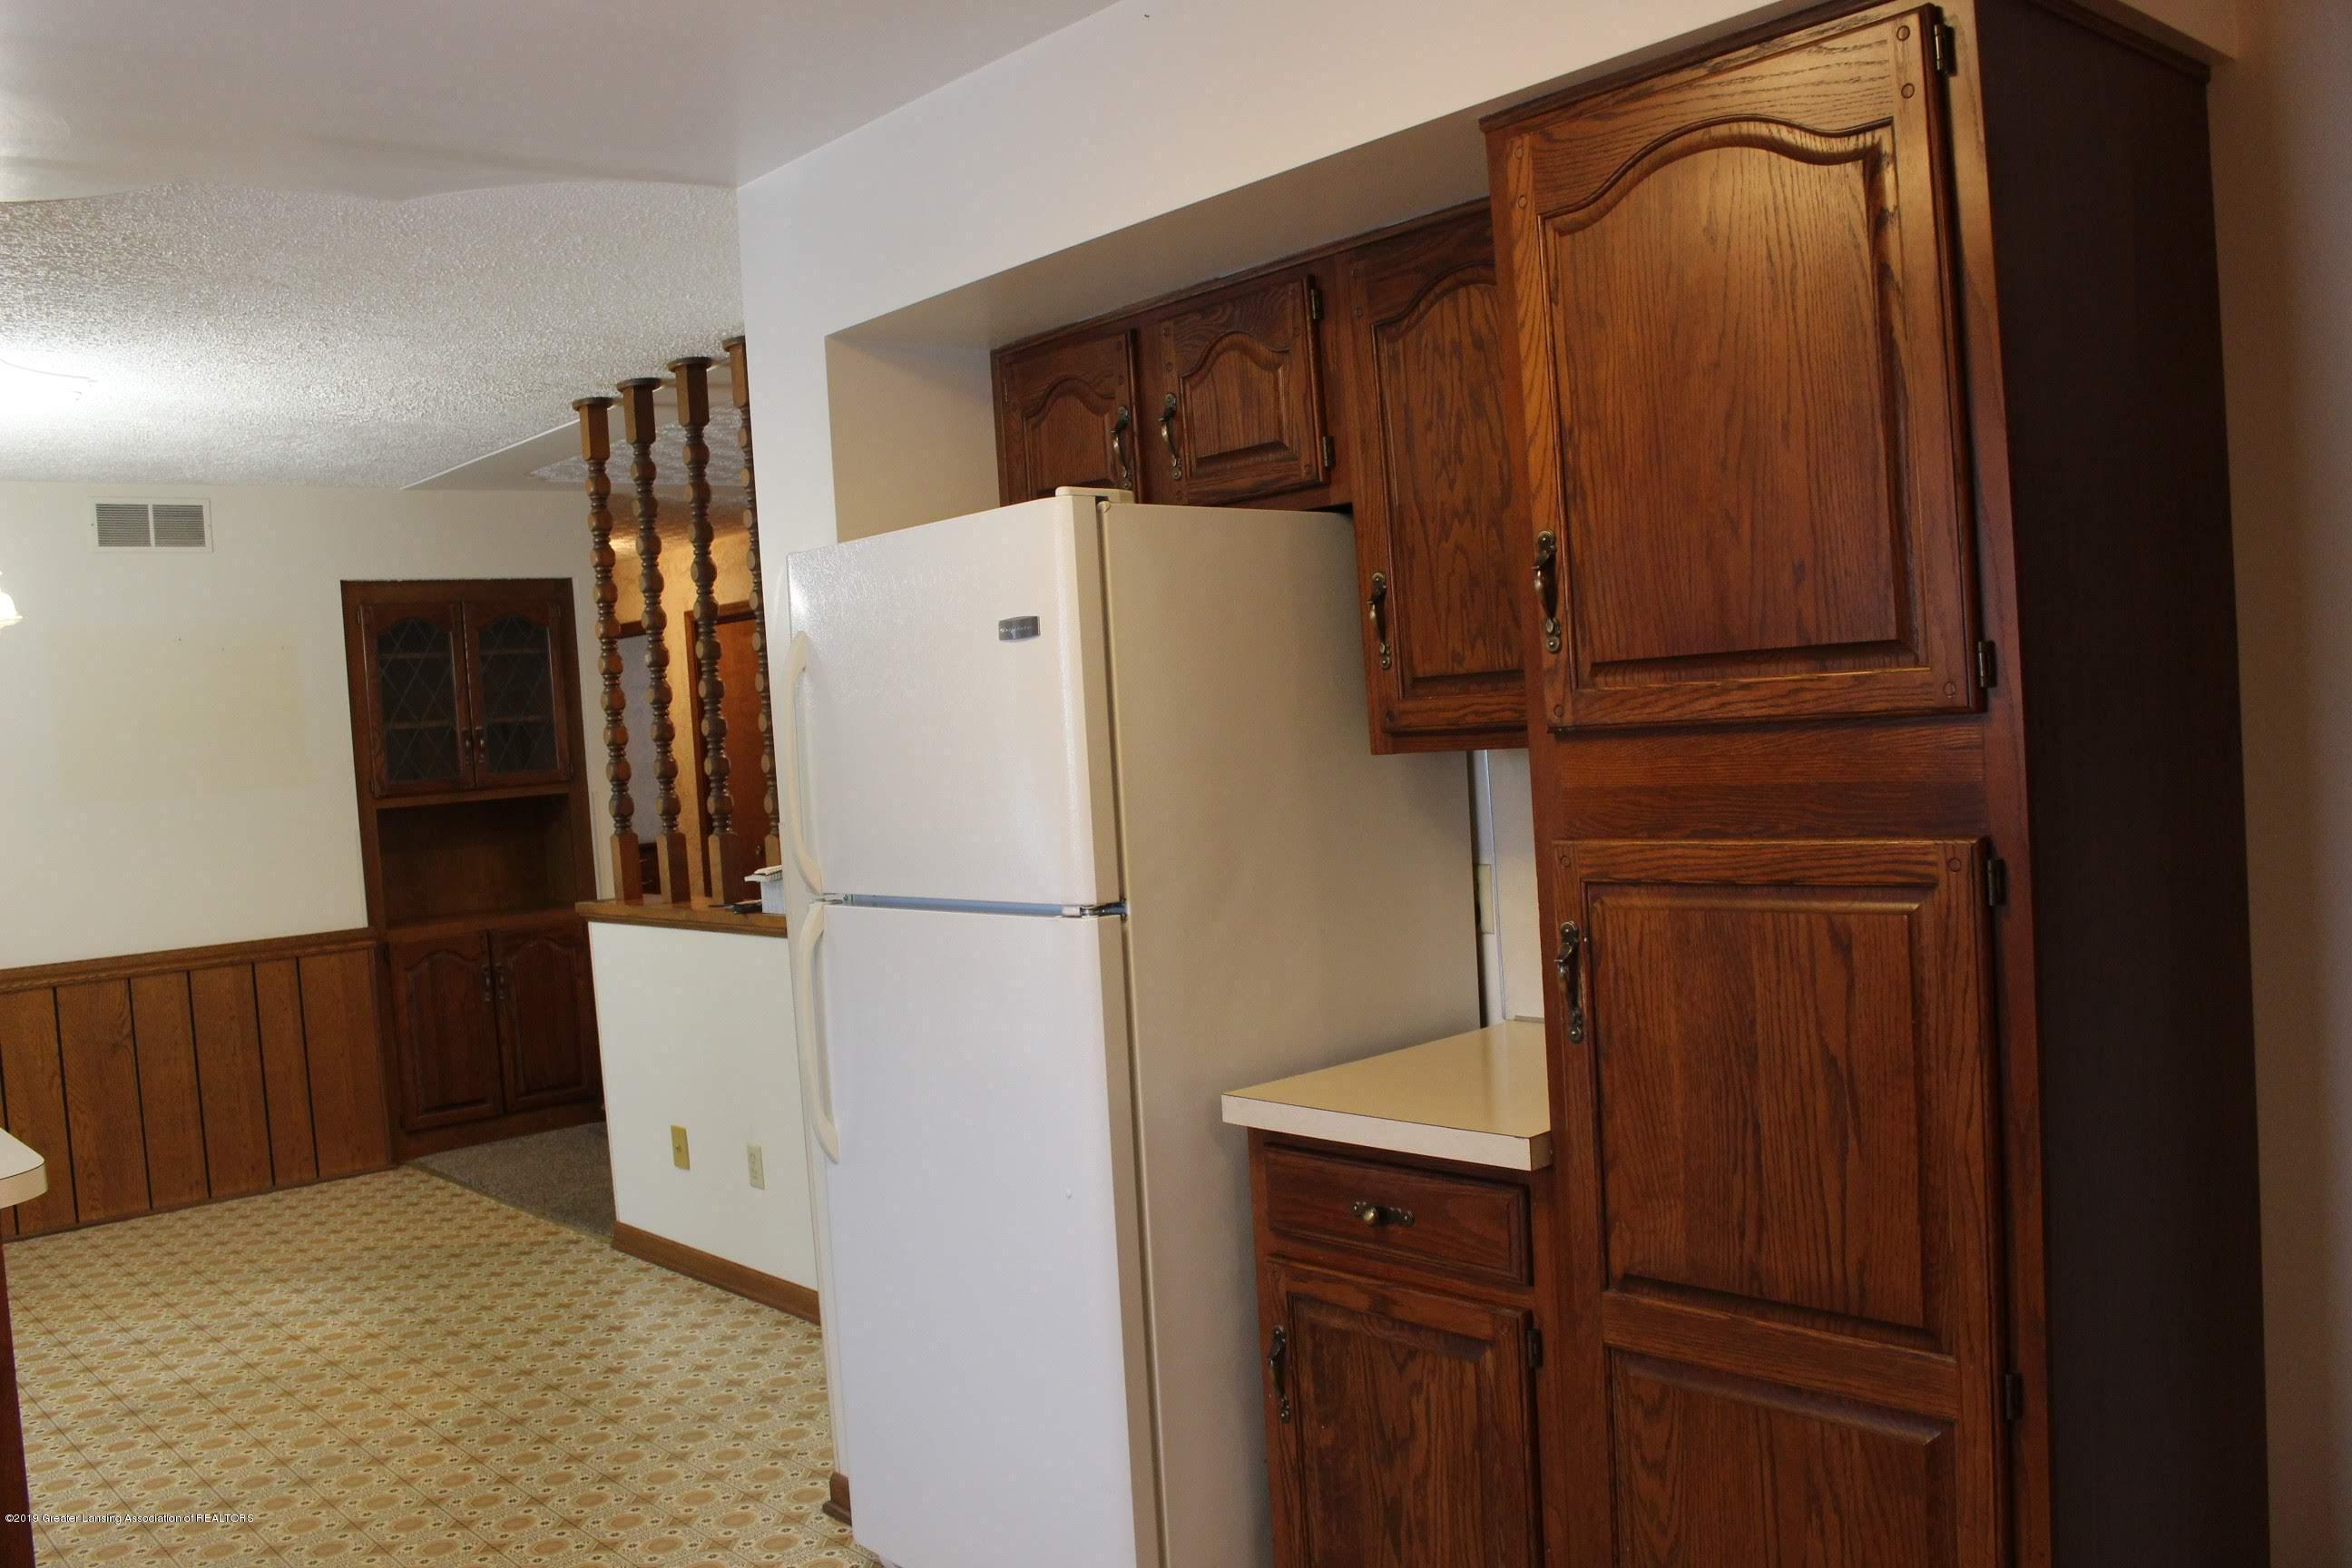 436 N Maple St - Kitchen - 4